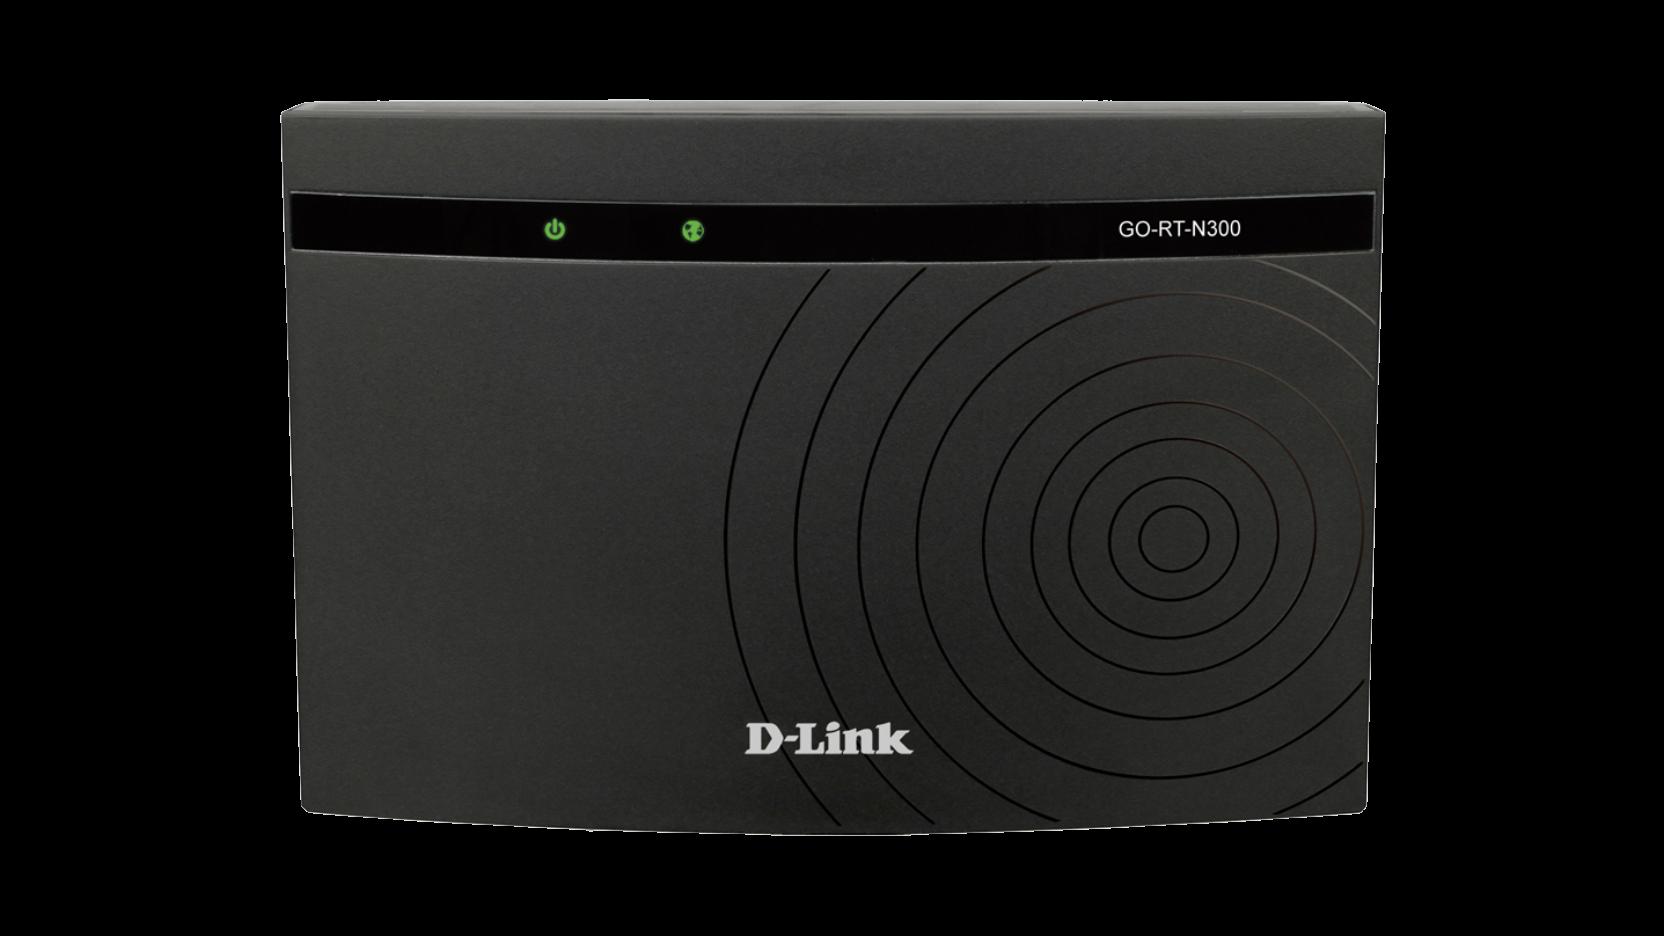 GO-RT-N300 Wireless N 300 Easy Router | D-Link Deutschland